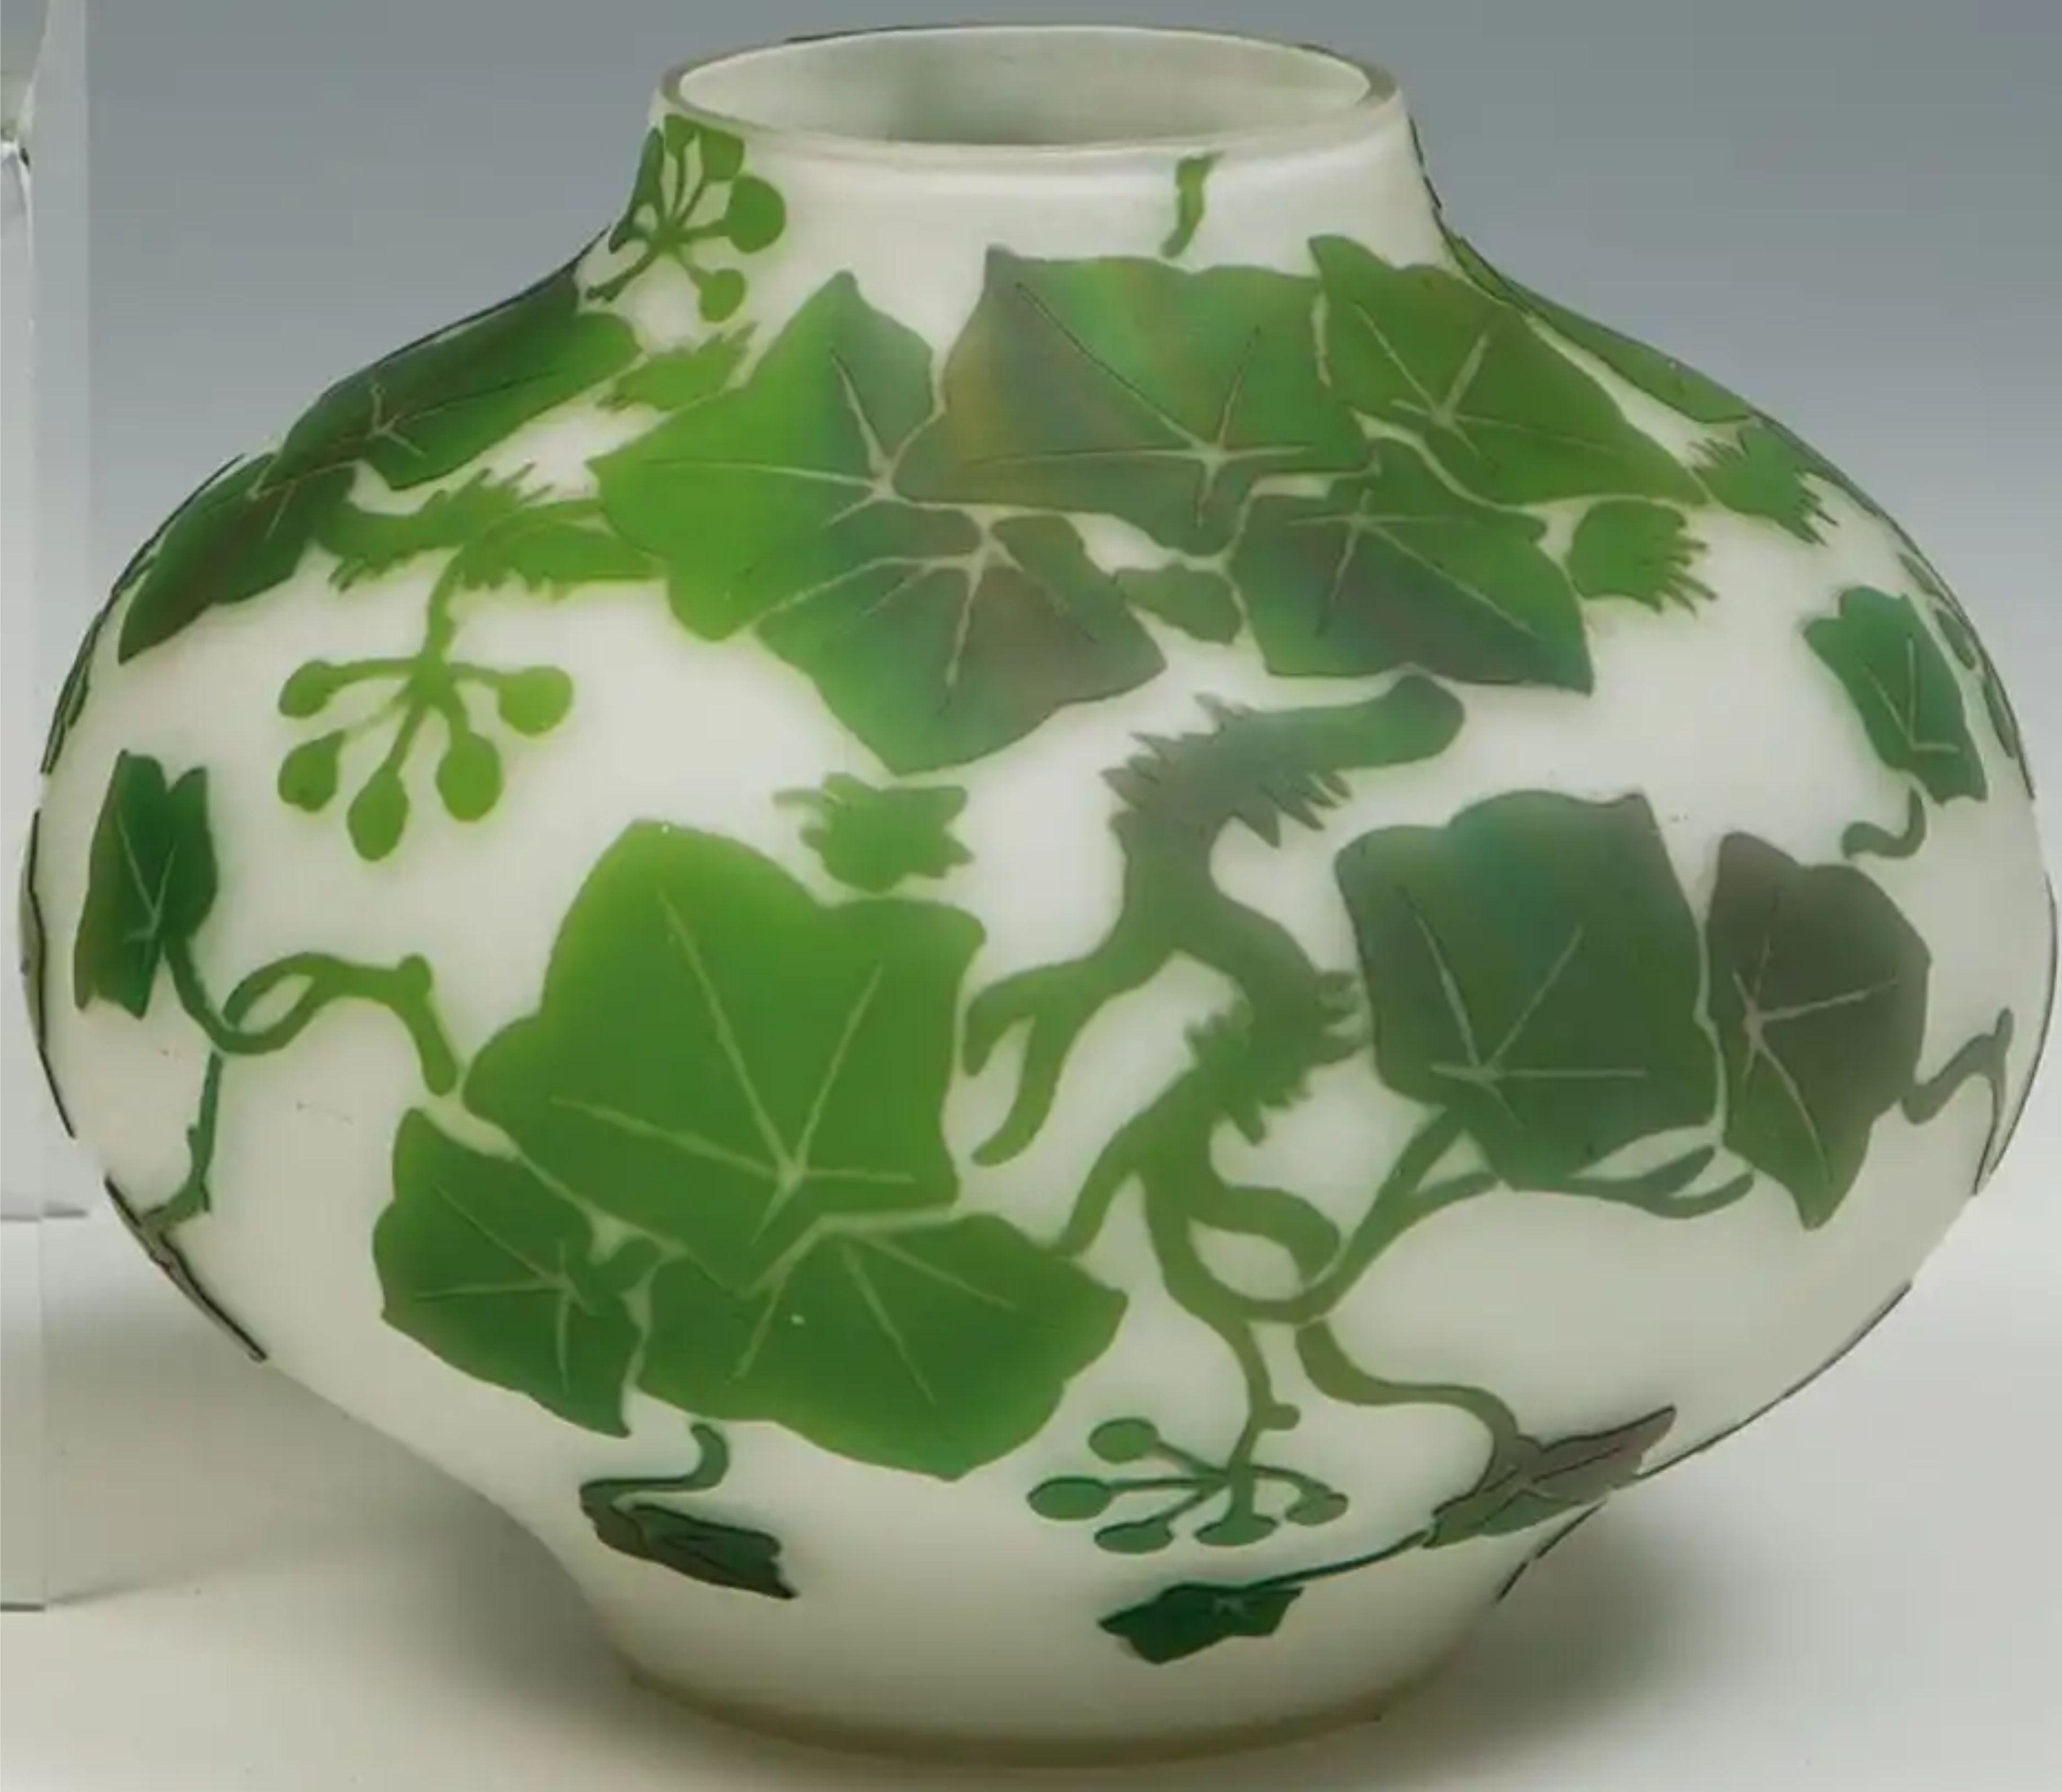 Vase Mit Efeu Beckmann Weis Mügeln Bei Dresden Um 1920 Farbloses Gla